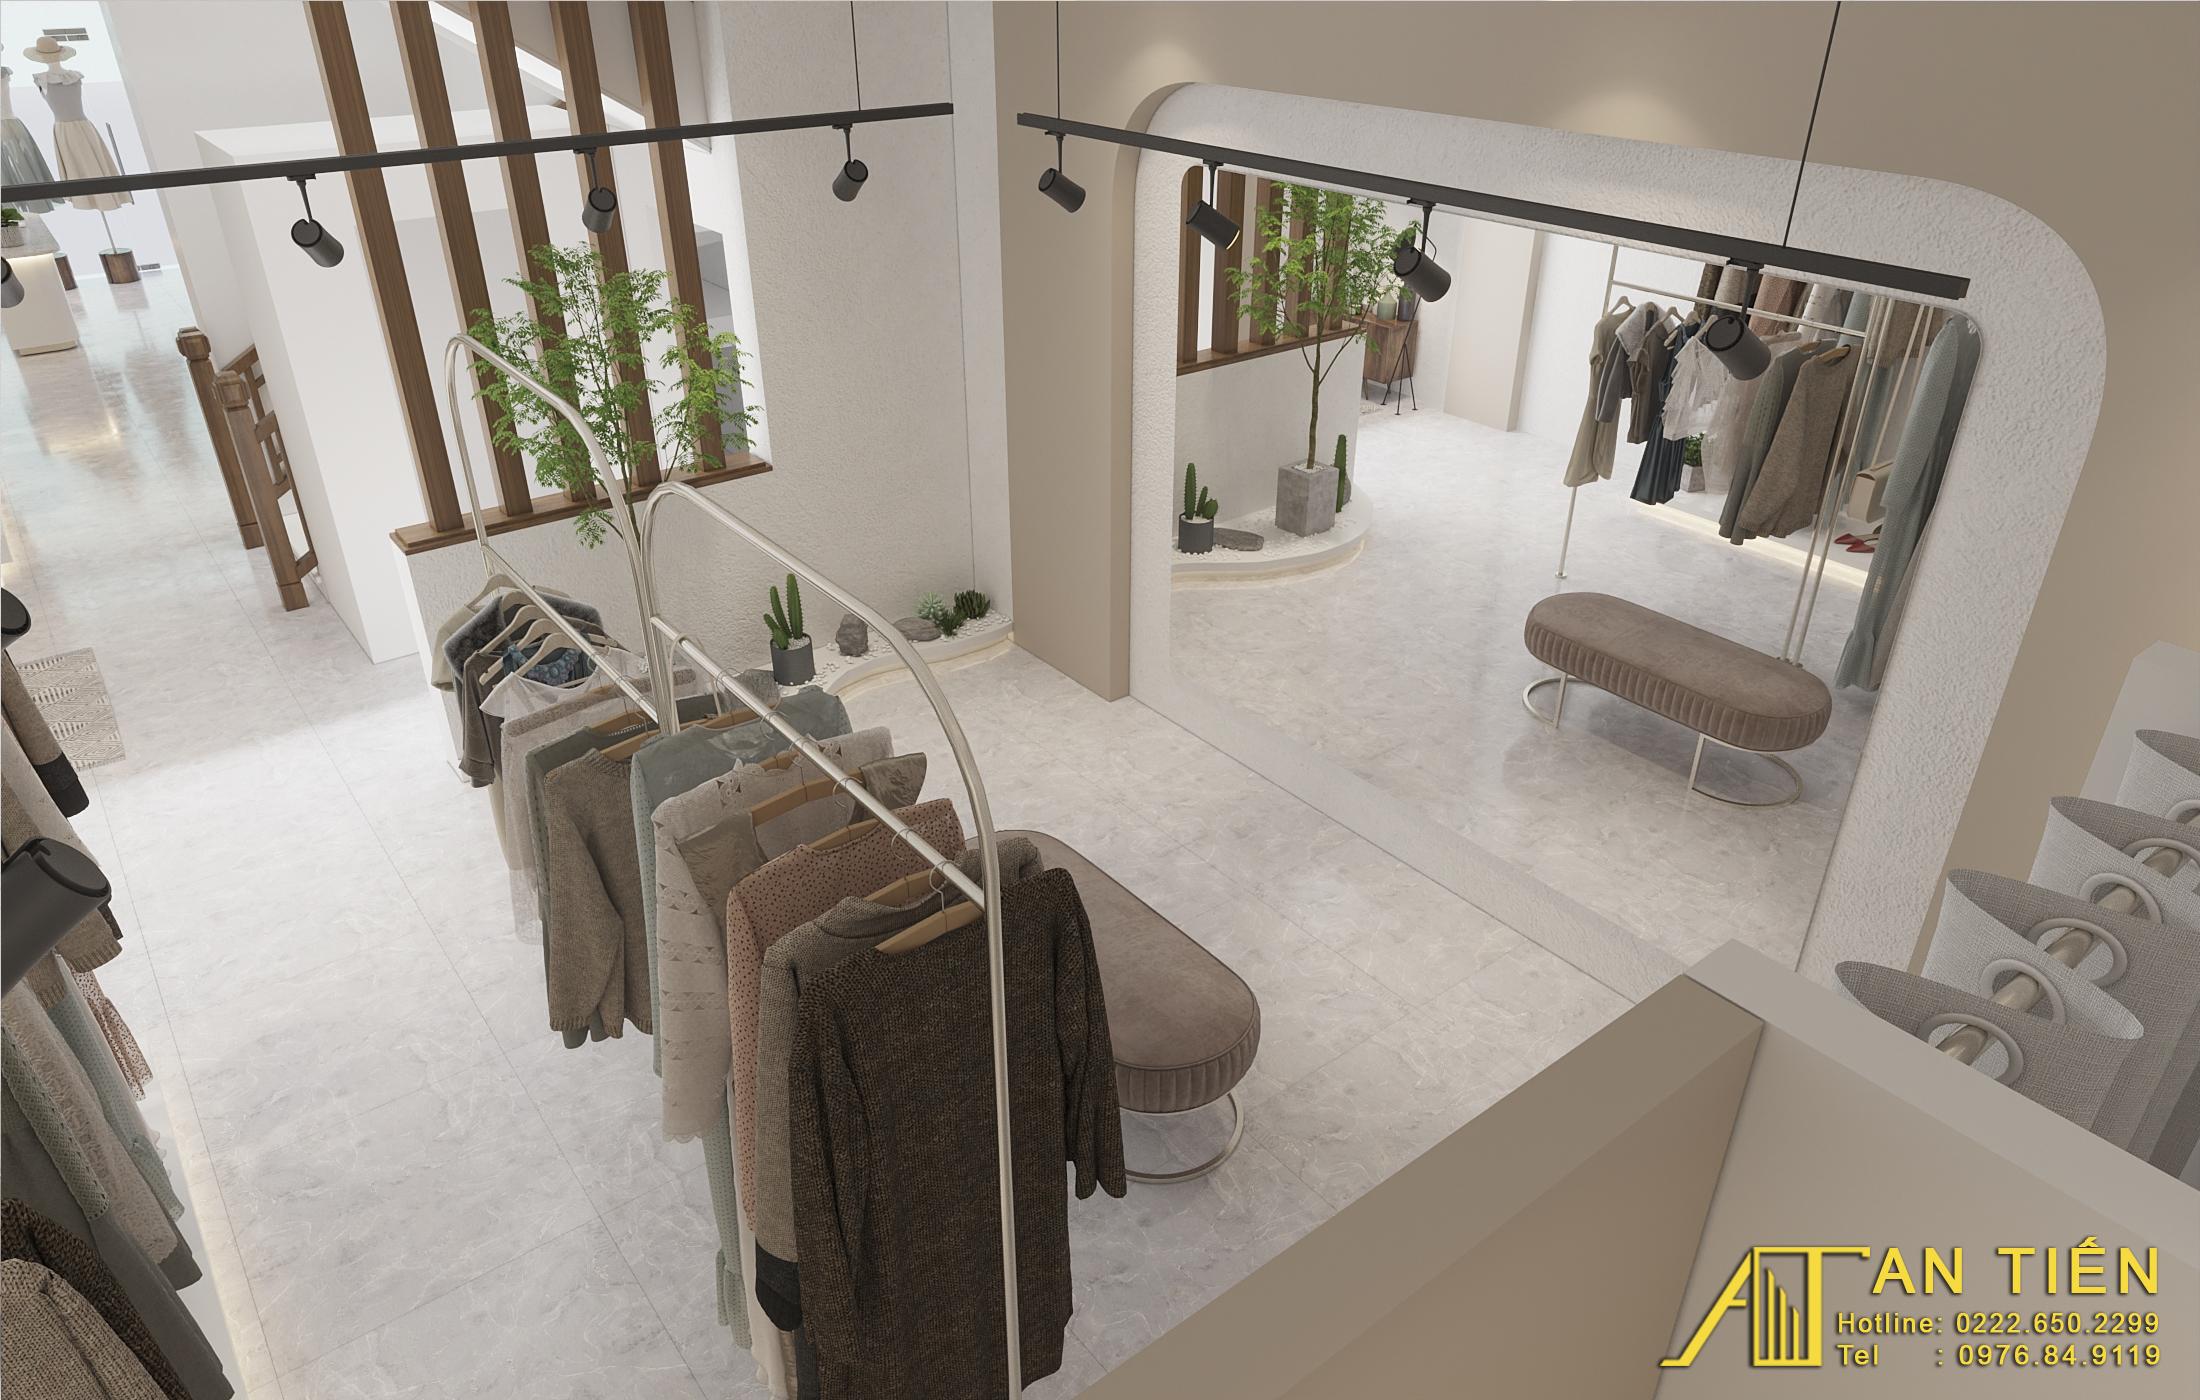 Thiết kế nội thất Shop tại Bắc Ninh Shop quần áo Bắc Ninh 1634097311 6